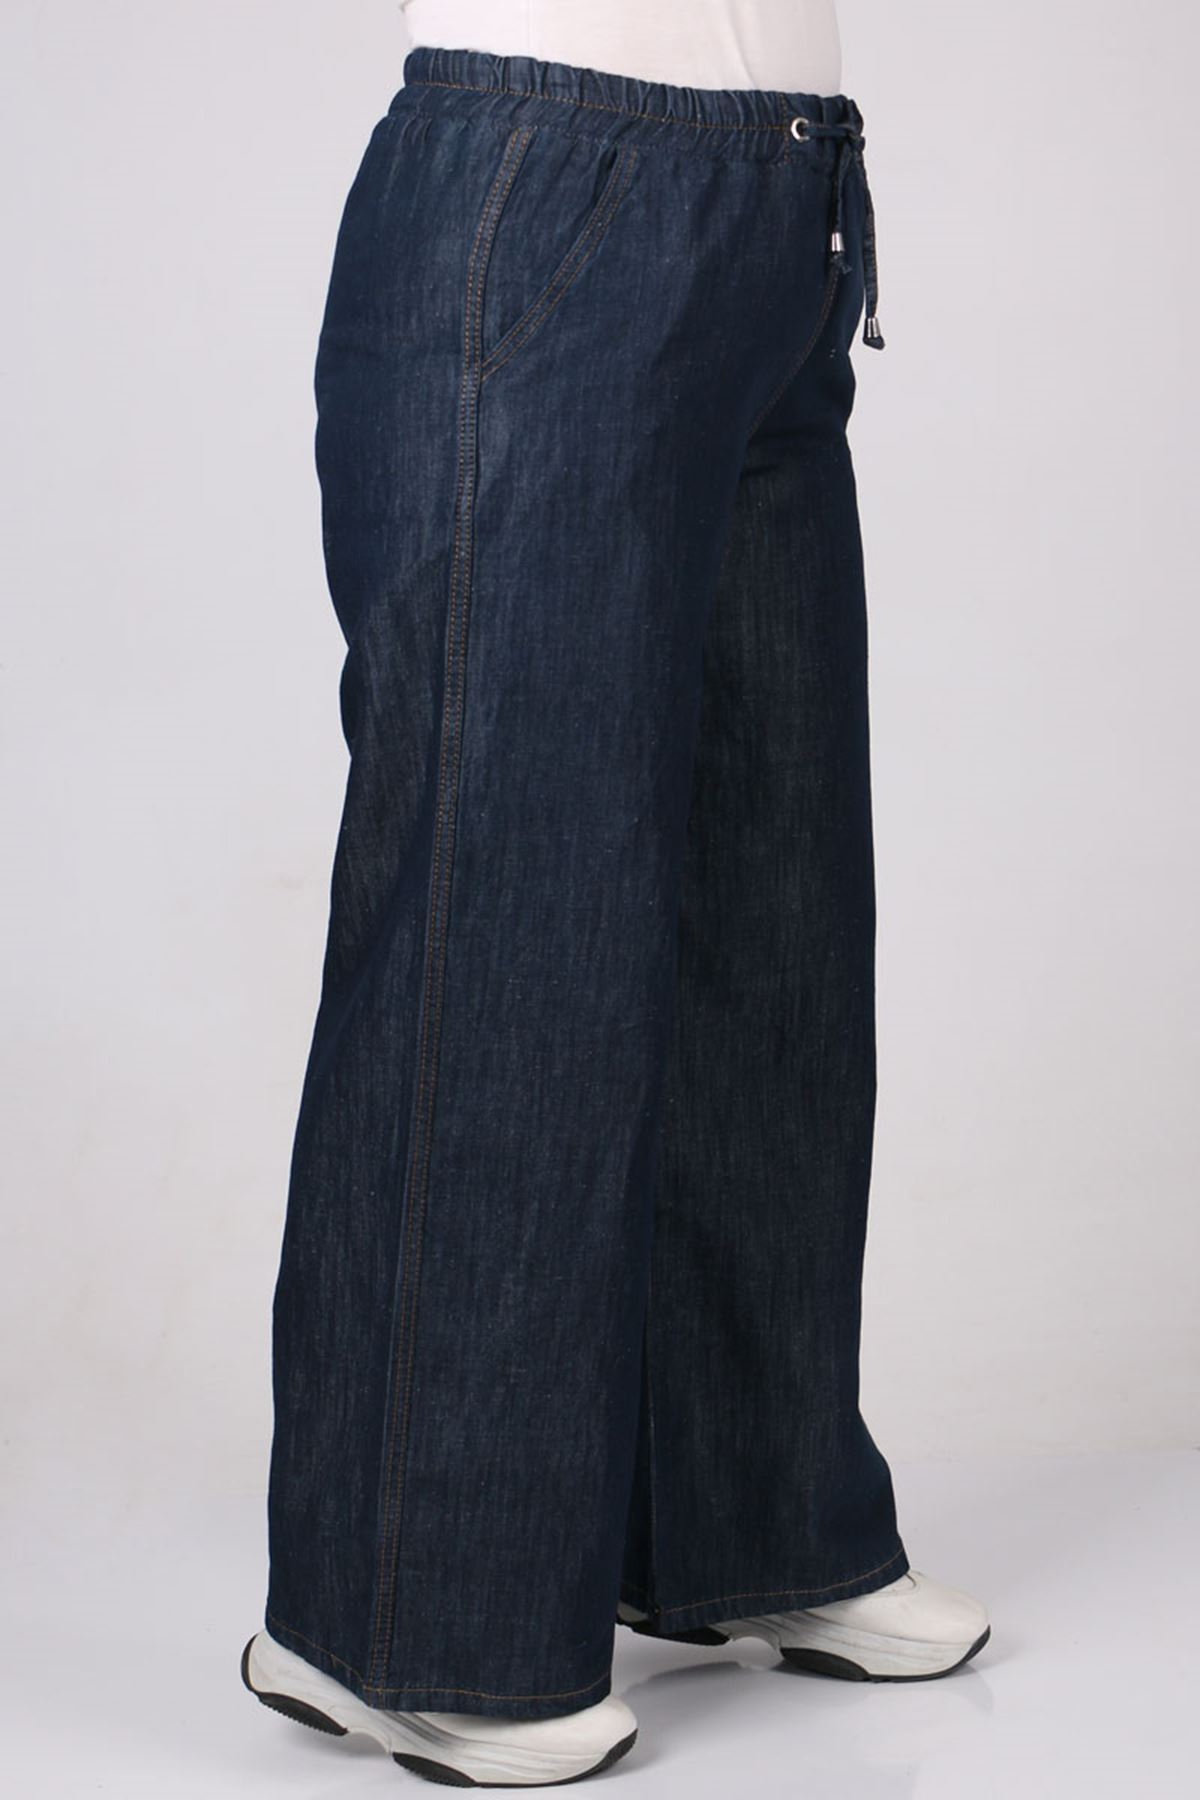 9174 Büyük Beden Bol Paça Kot Pantolon - Koyu Lacivert